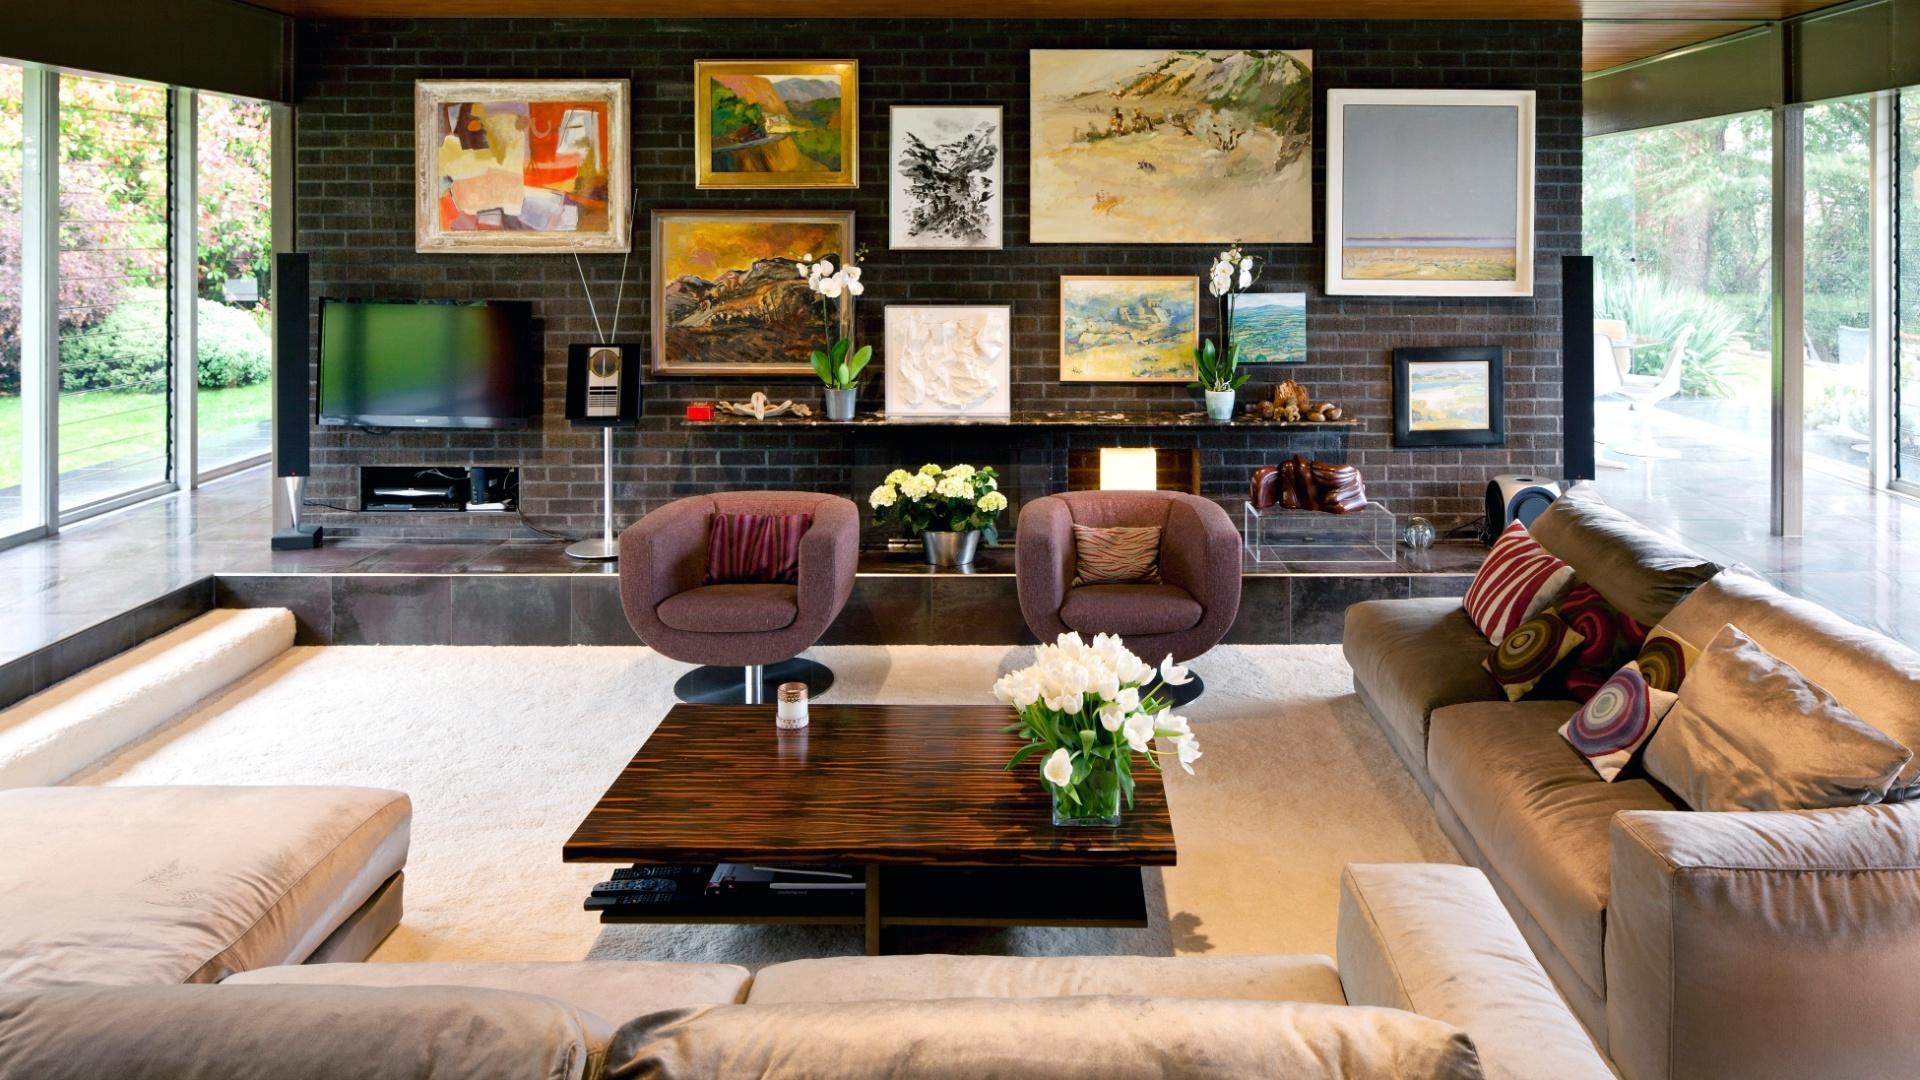 sala de estar da casa de Remy Blumenfeld e Henryk Hetflaisz  #9E6D2D 1920x1080